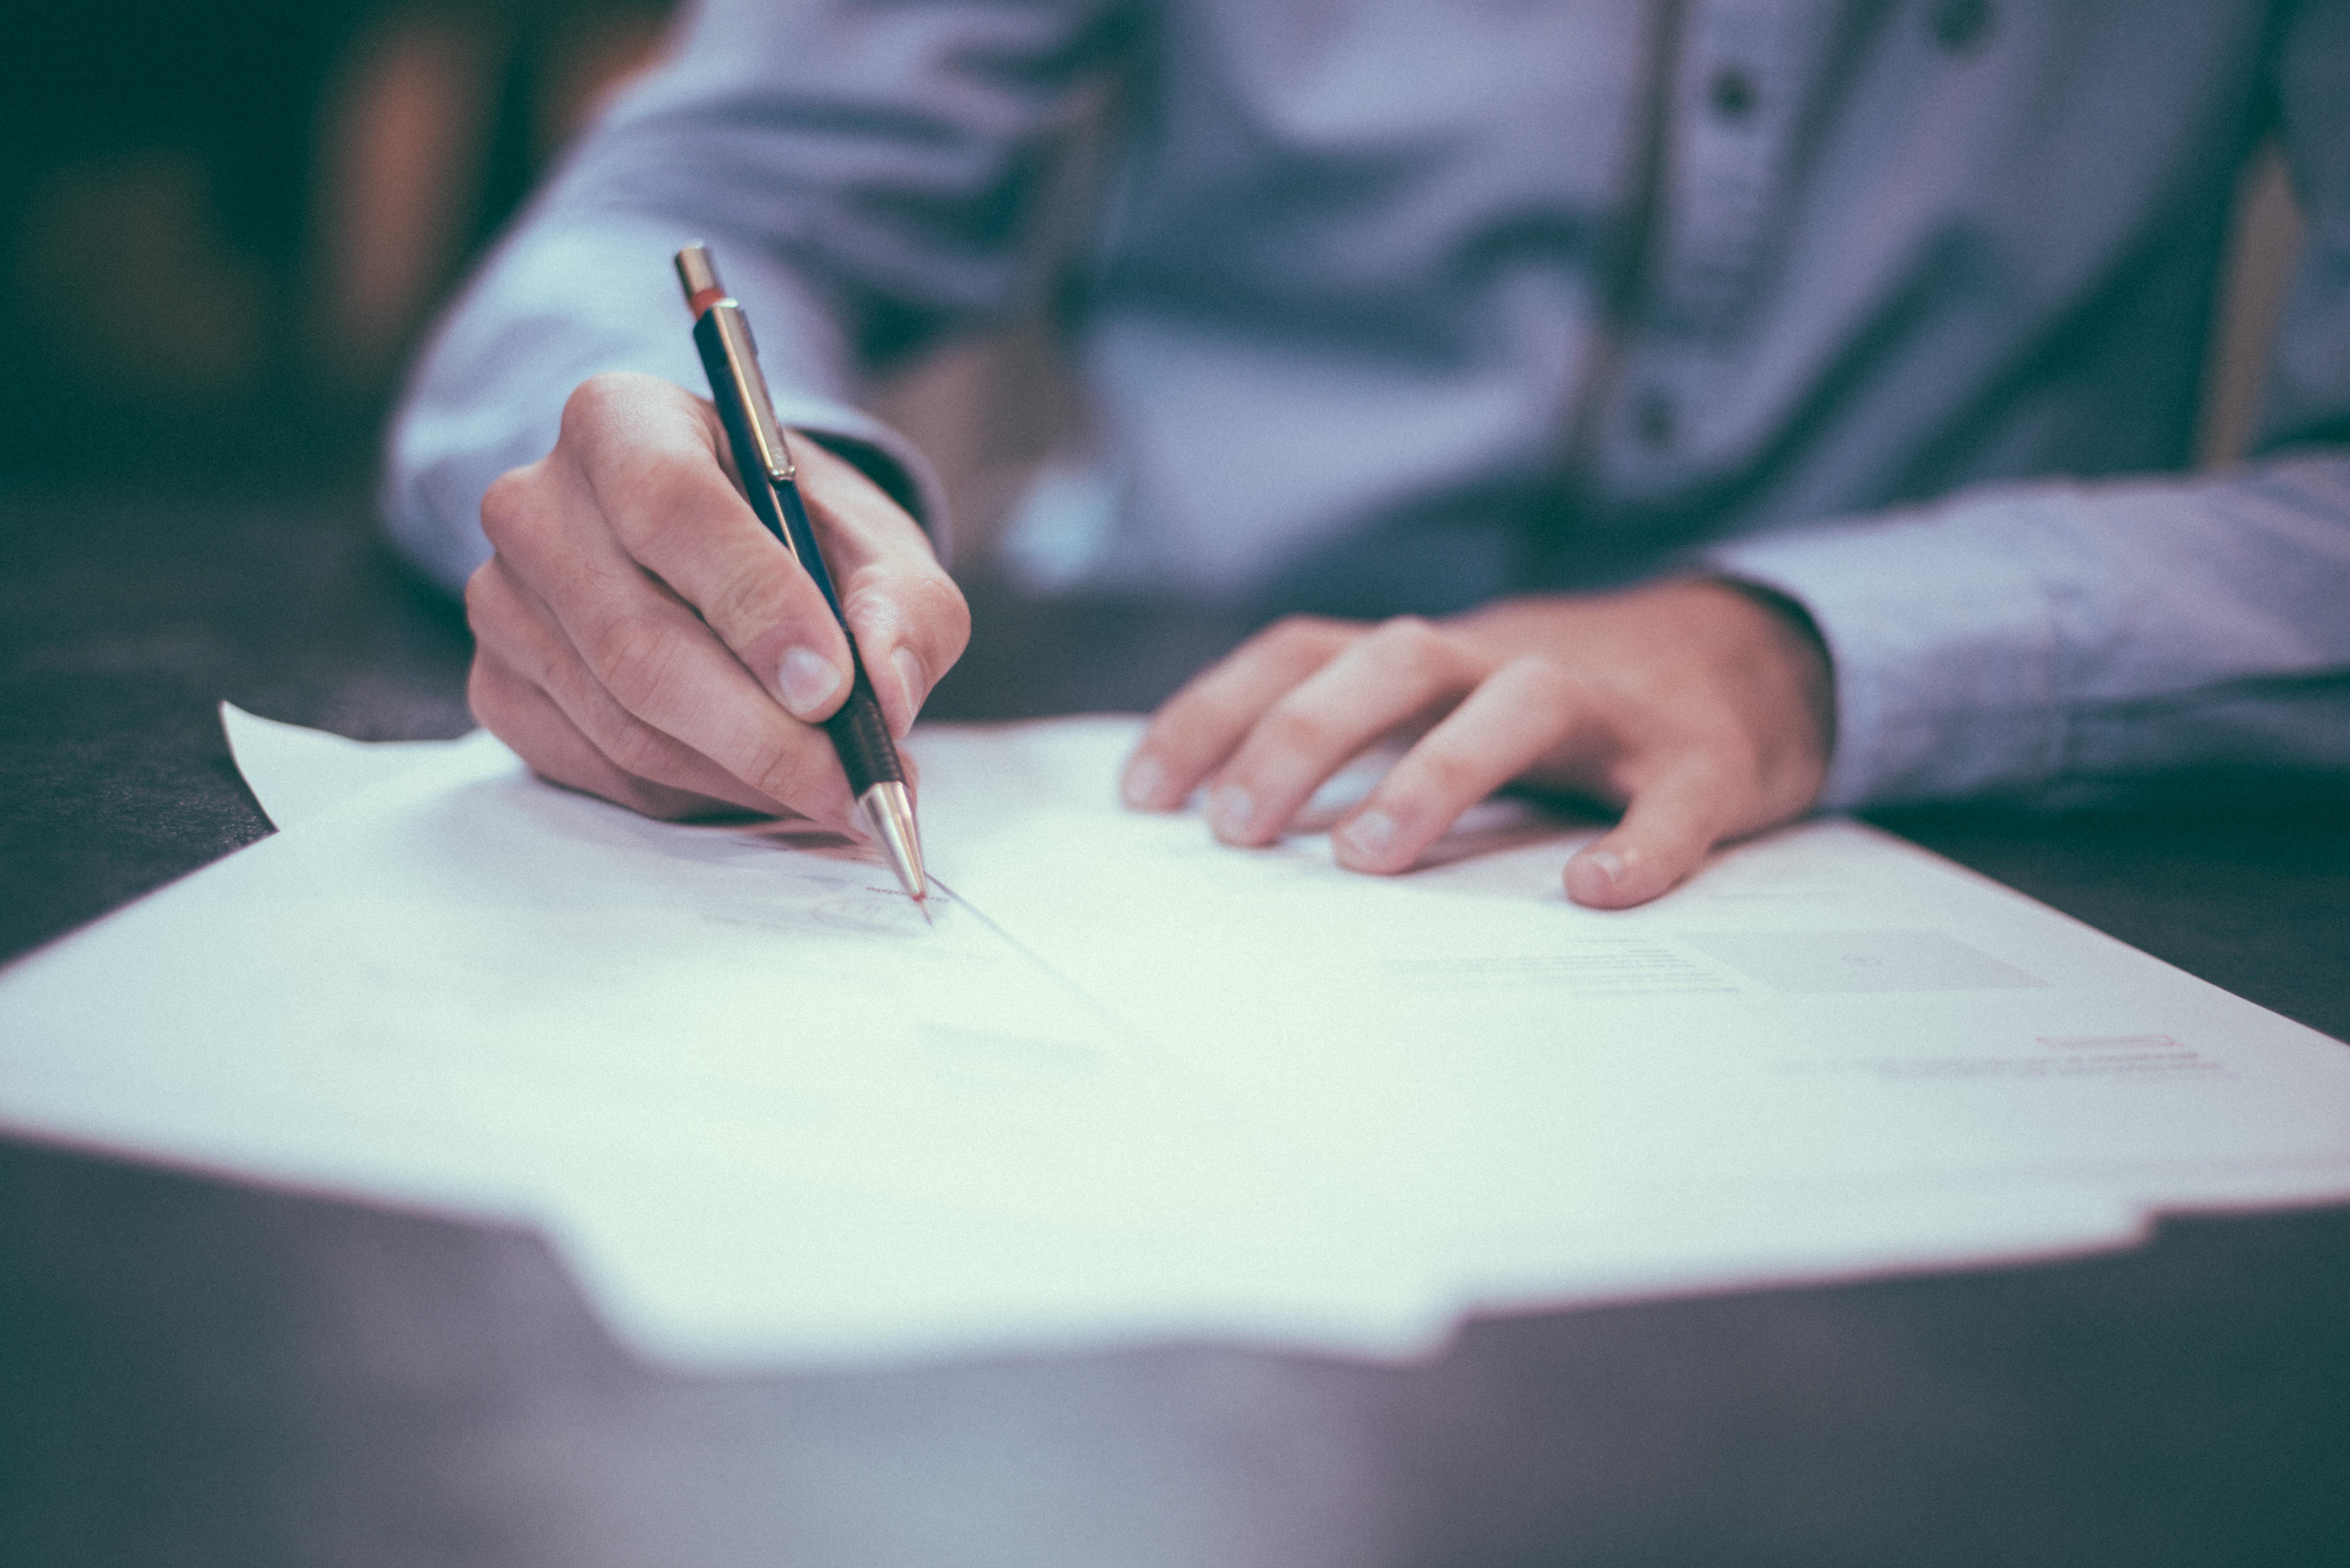 propriétaire et colocataires signant un bail de colocation en vue de l'emménagement